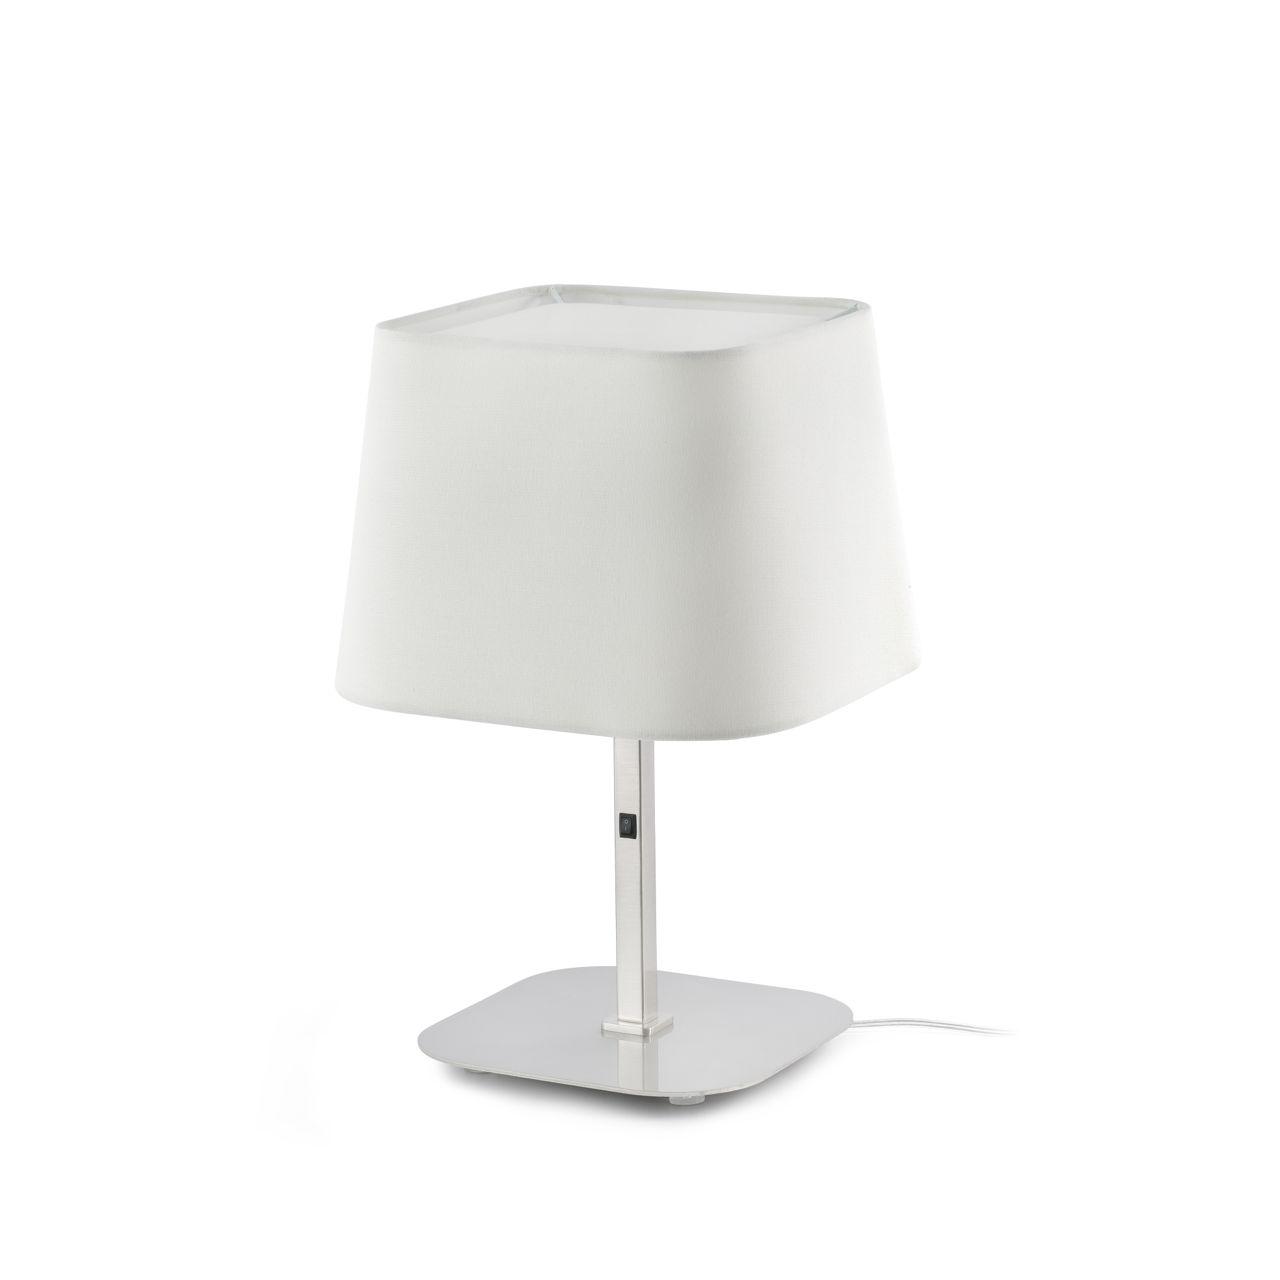 Comprar lamparas y ventiladores de techo online tattoo - Ventiladores de techo ...